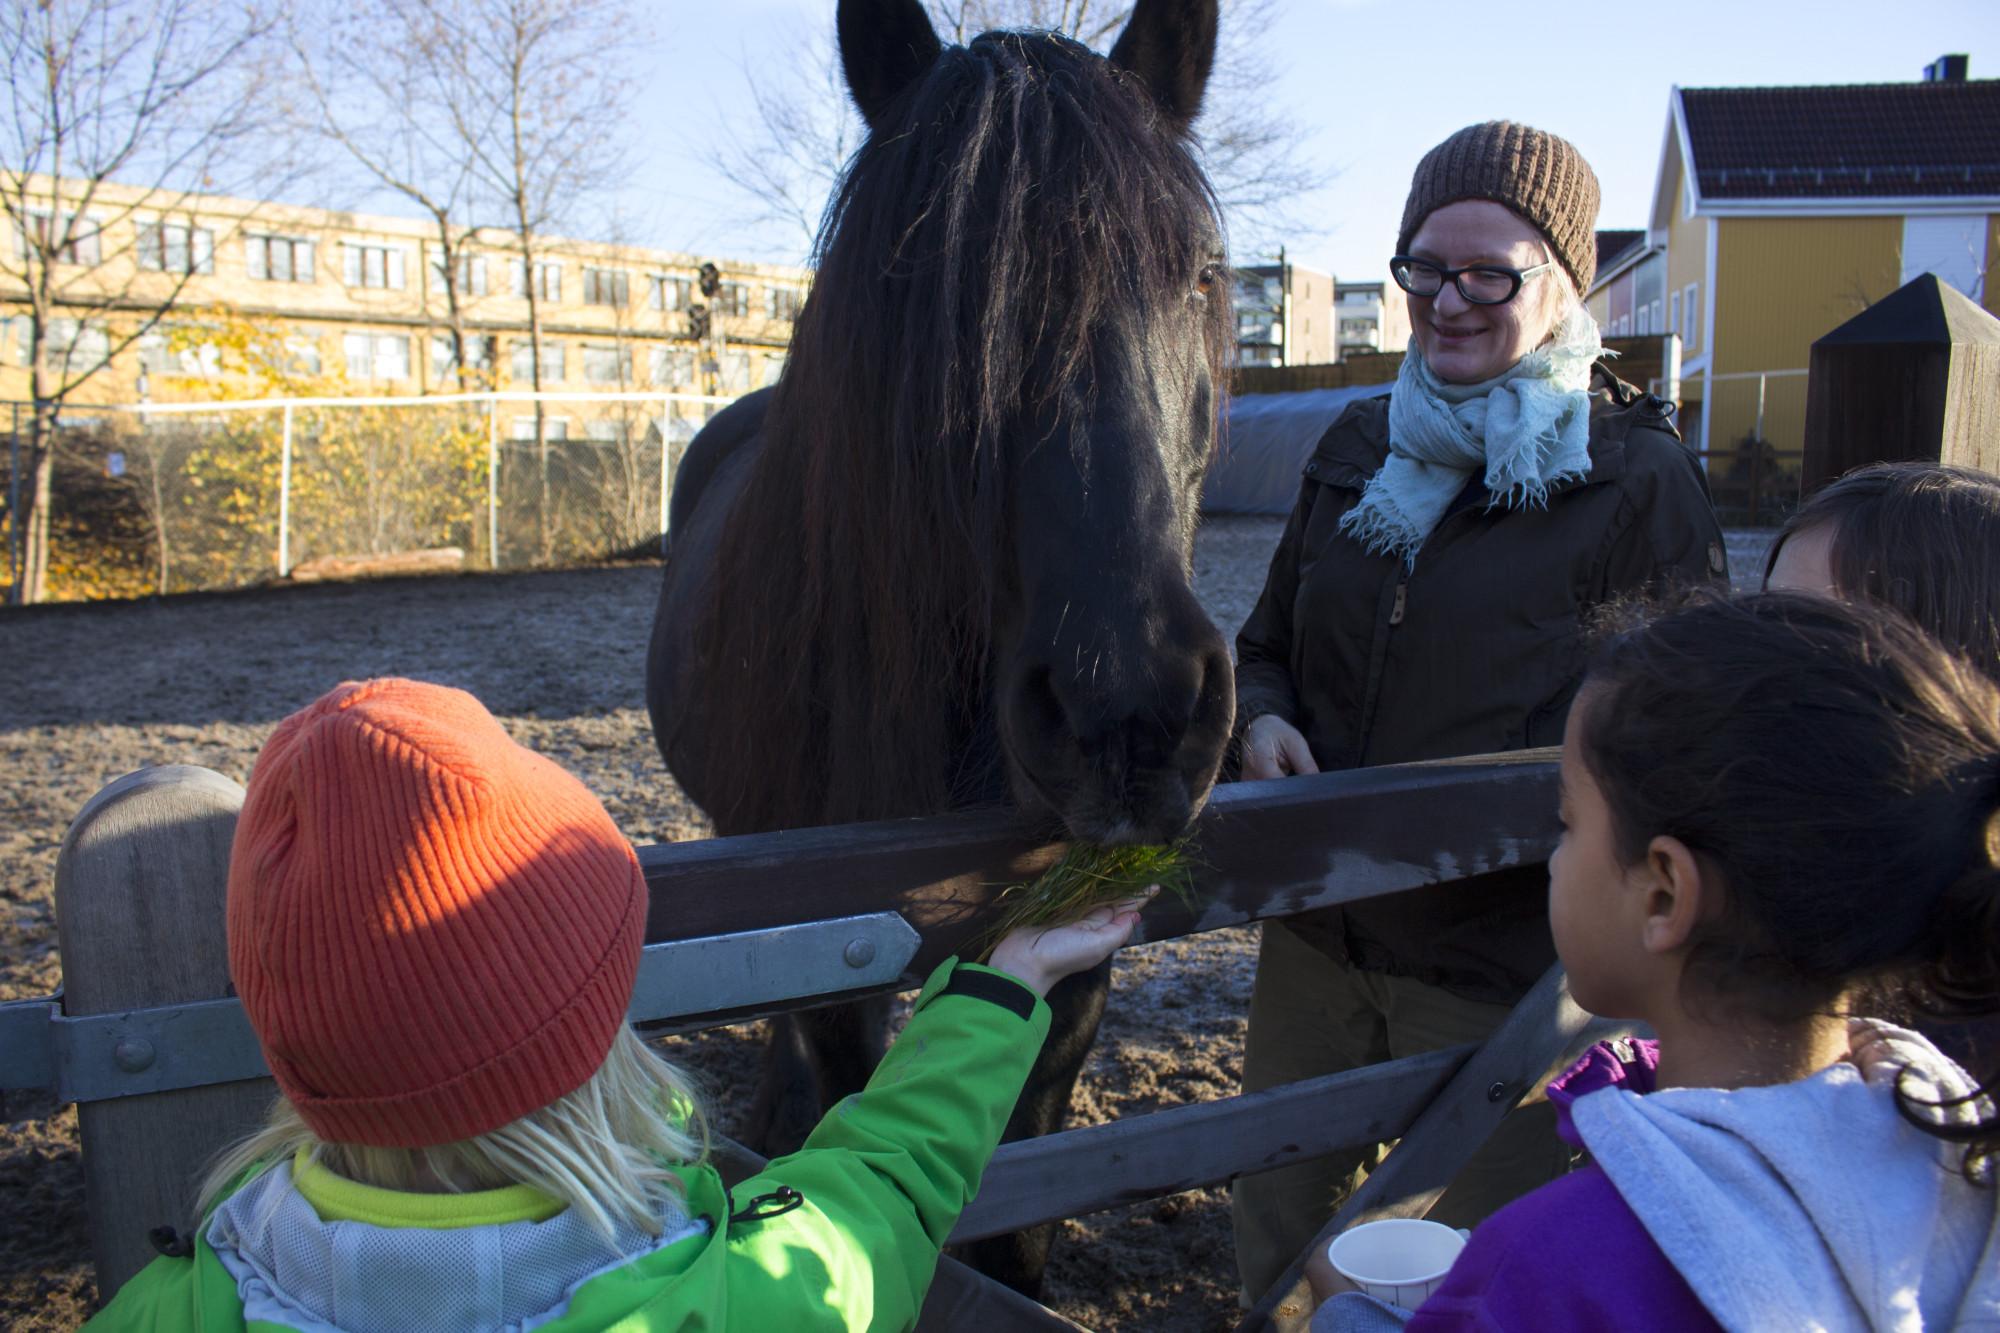 Dølahesten Svarten er en av tre hester som bor på gården. De får ofte oppdrag i både barnebursdager og juletrefester. Og på selveste juleaften leverer fjøsnissen og hesten hans ut gaver hjemme hos barn i nærområdet. (Foto: Susanne Svendsen)